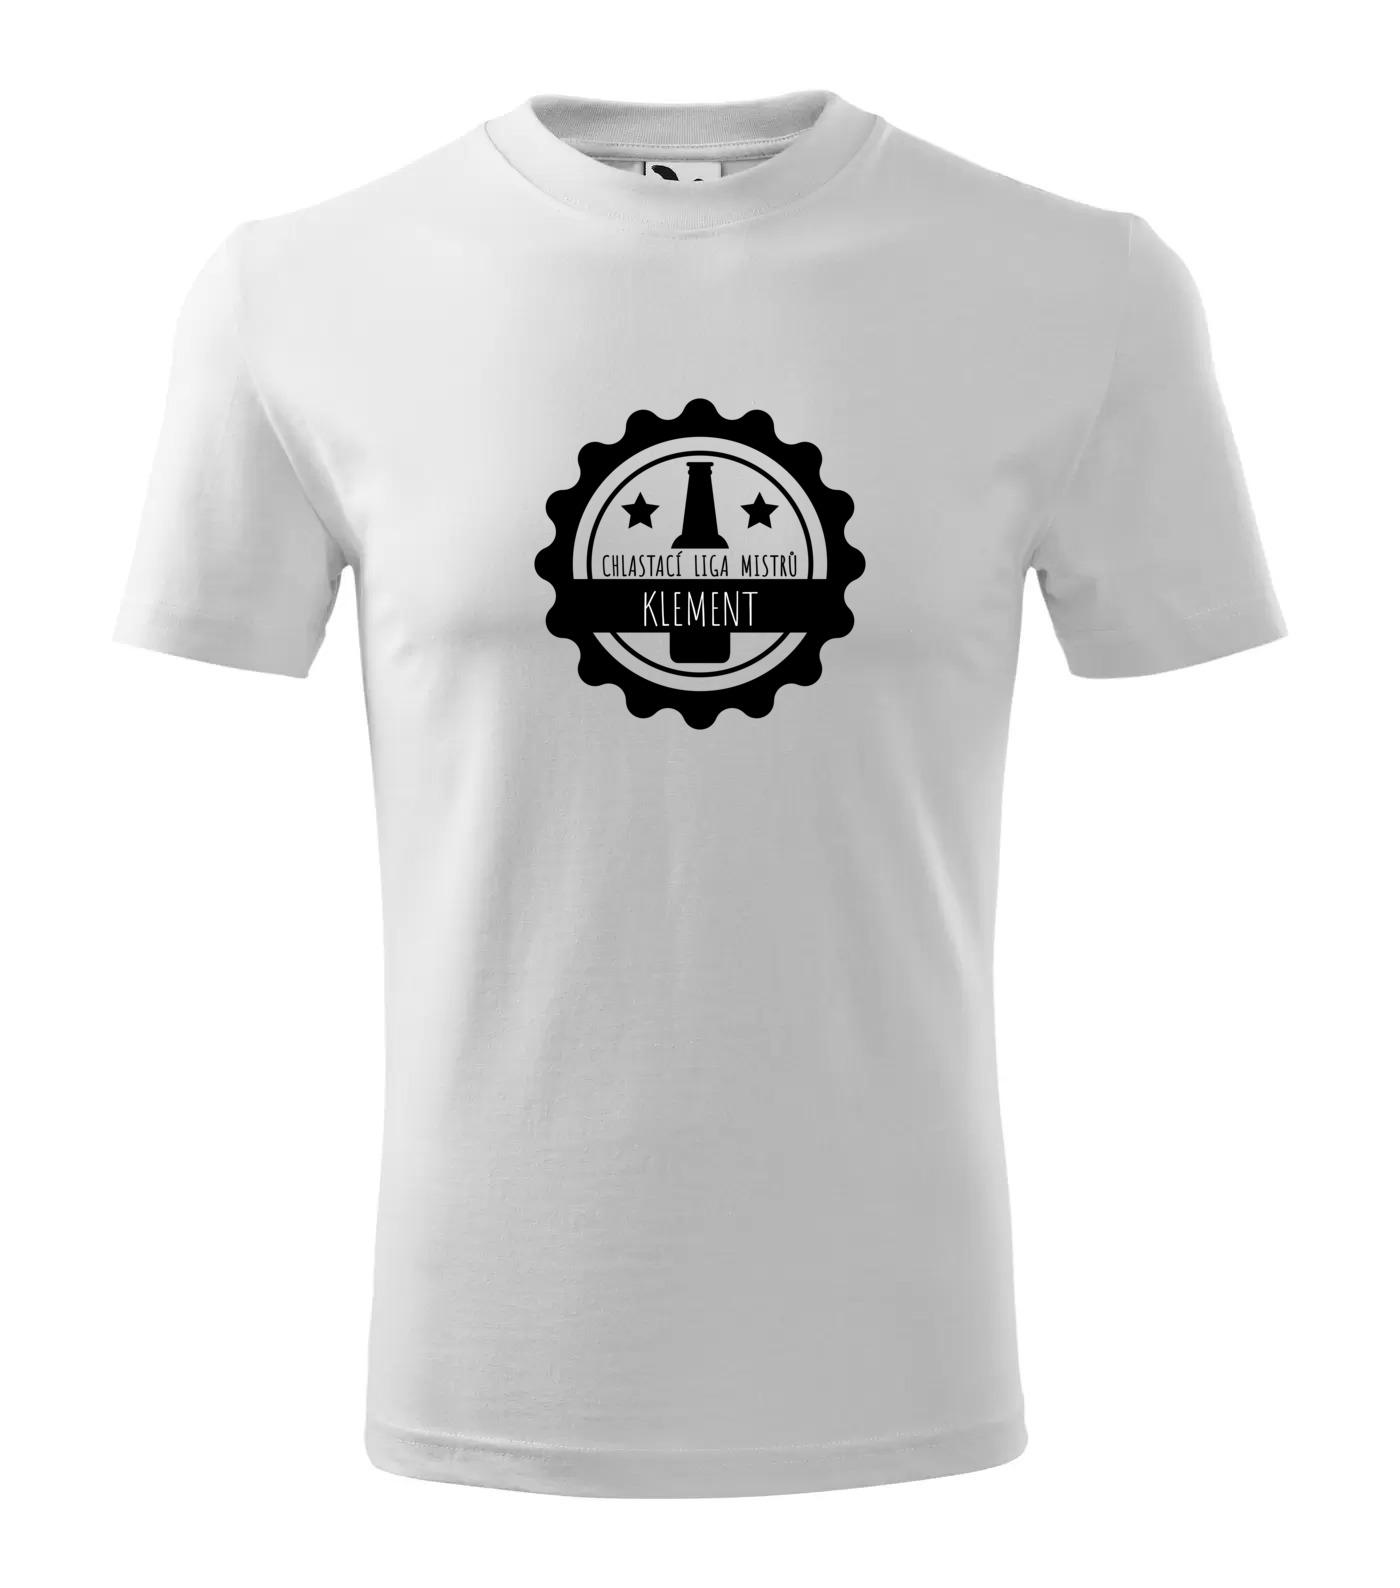 Tričko Chlastací liga mužů Klement